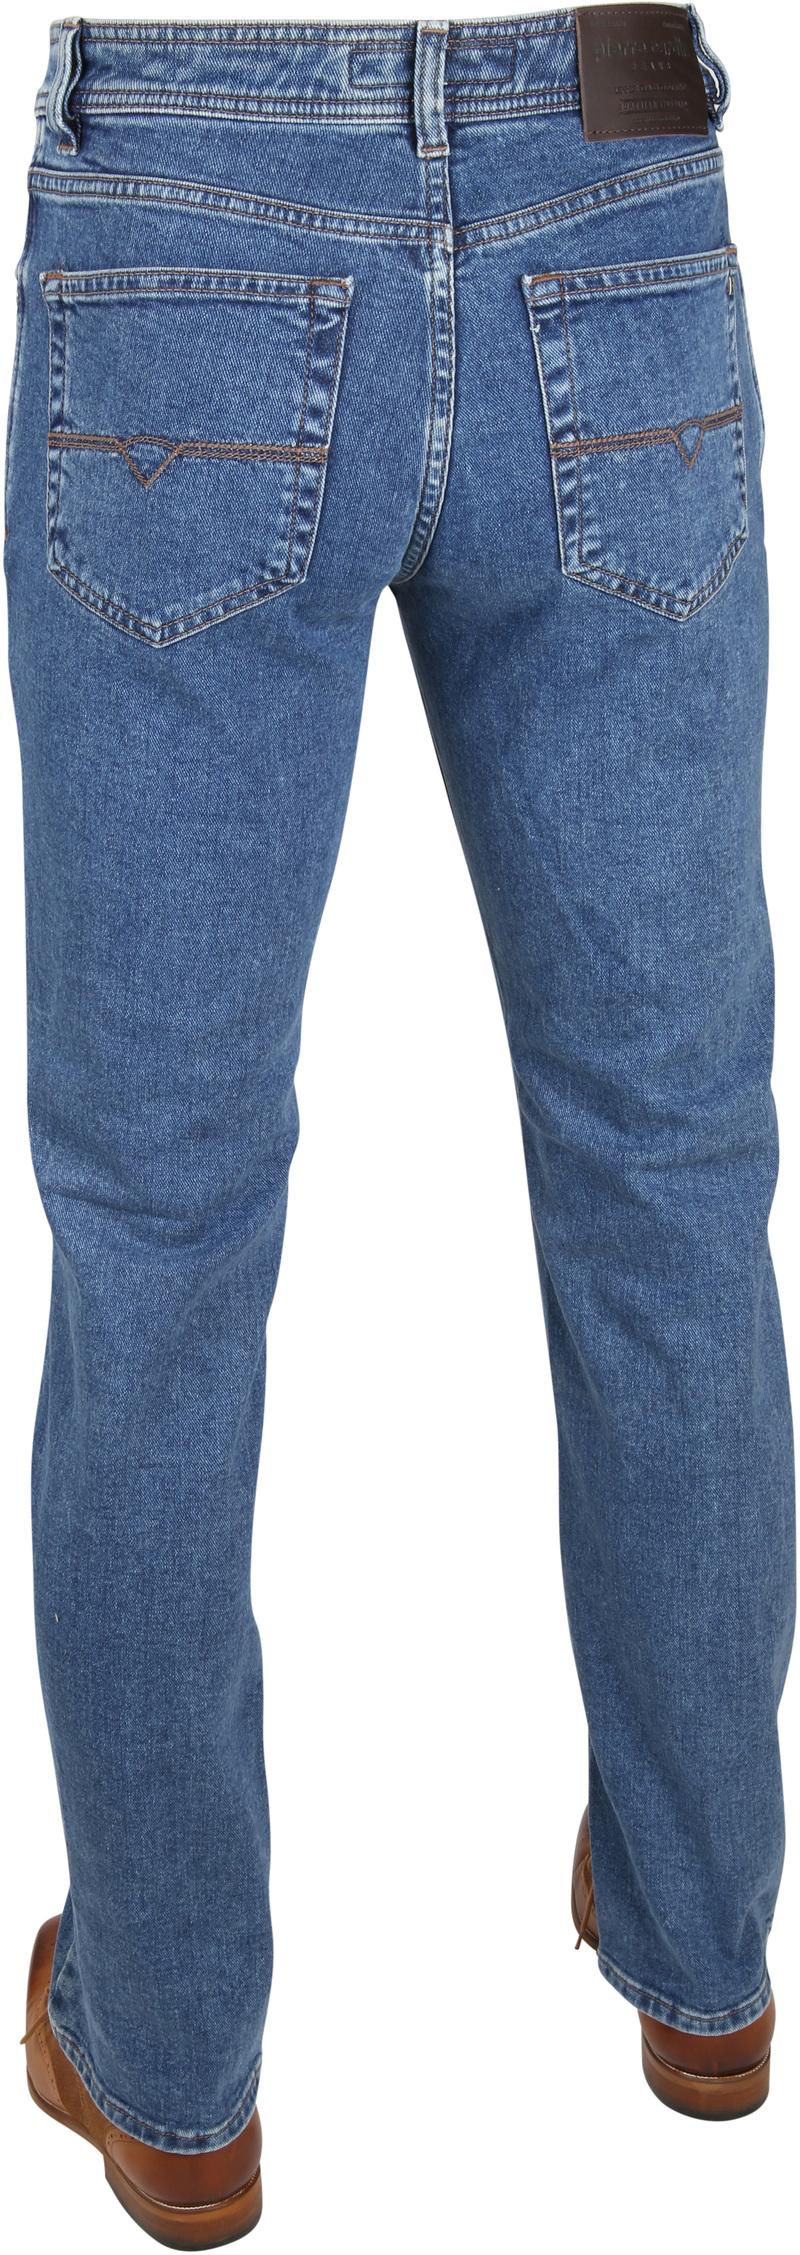 Pierre Cardin Jeans Dijon Blue photo 2